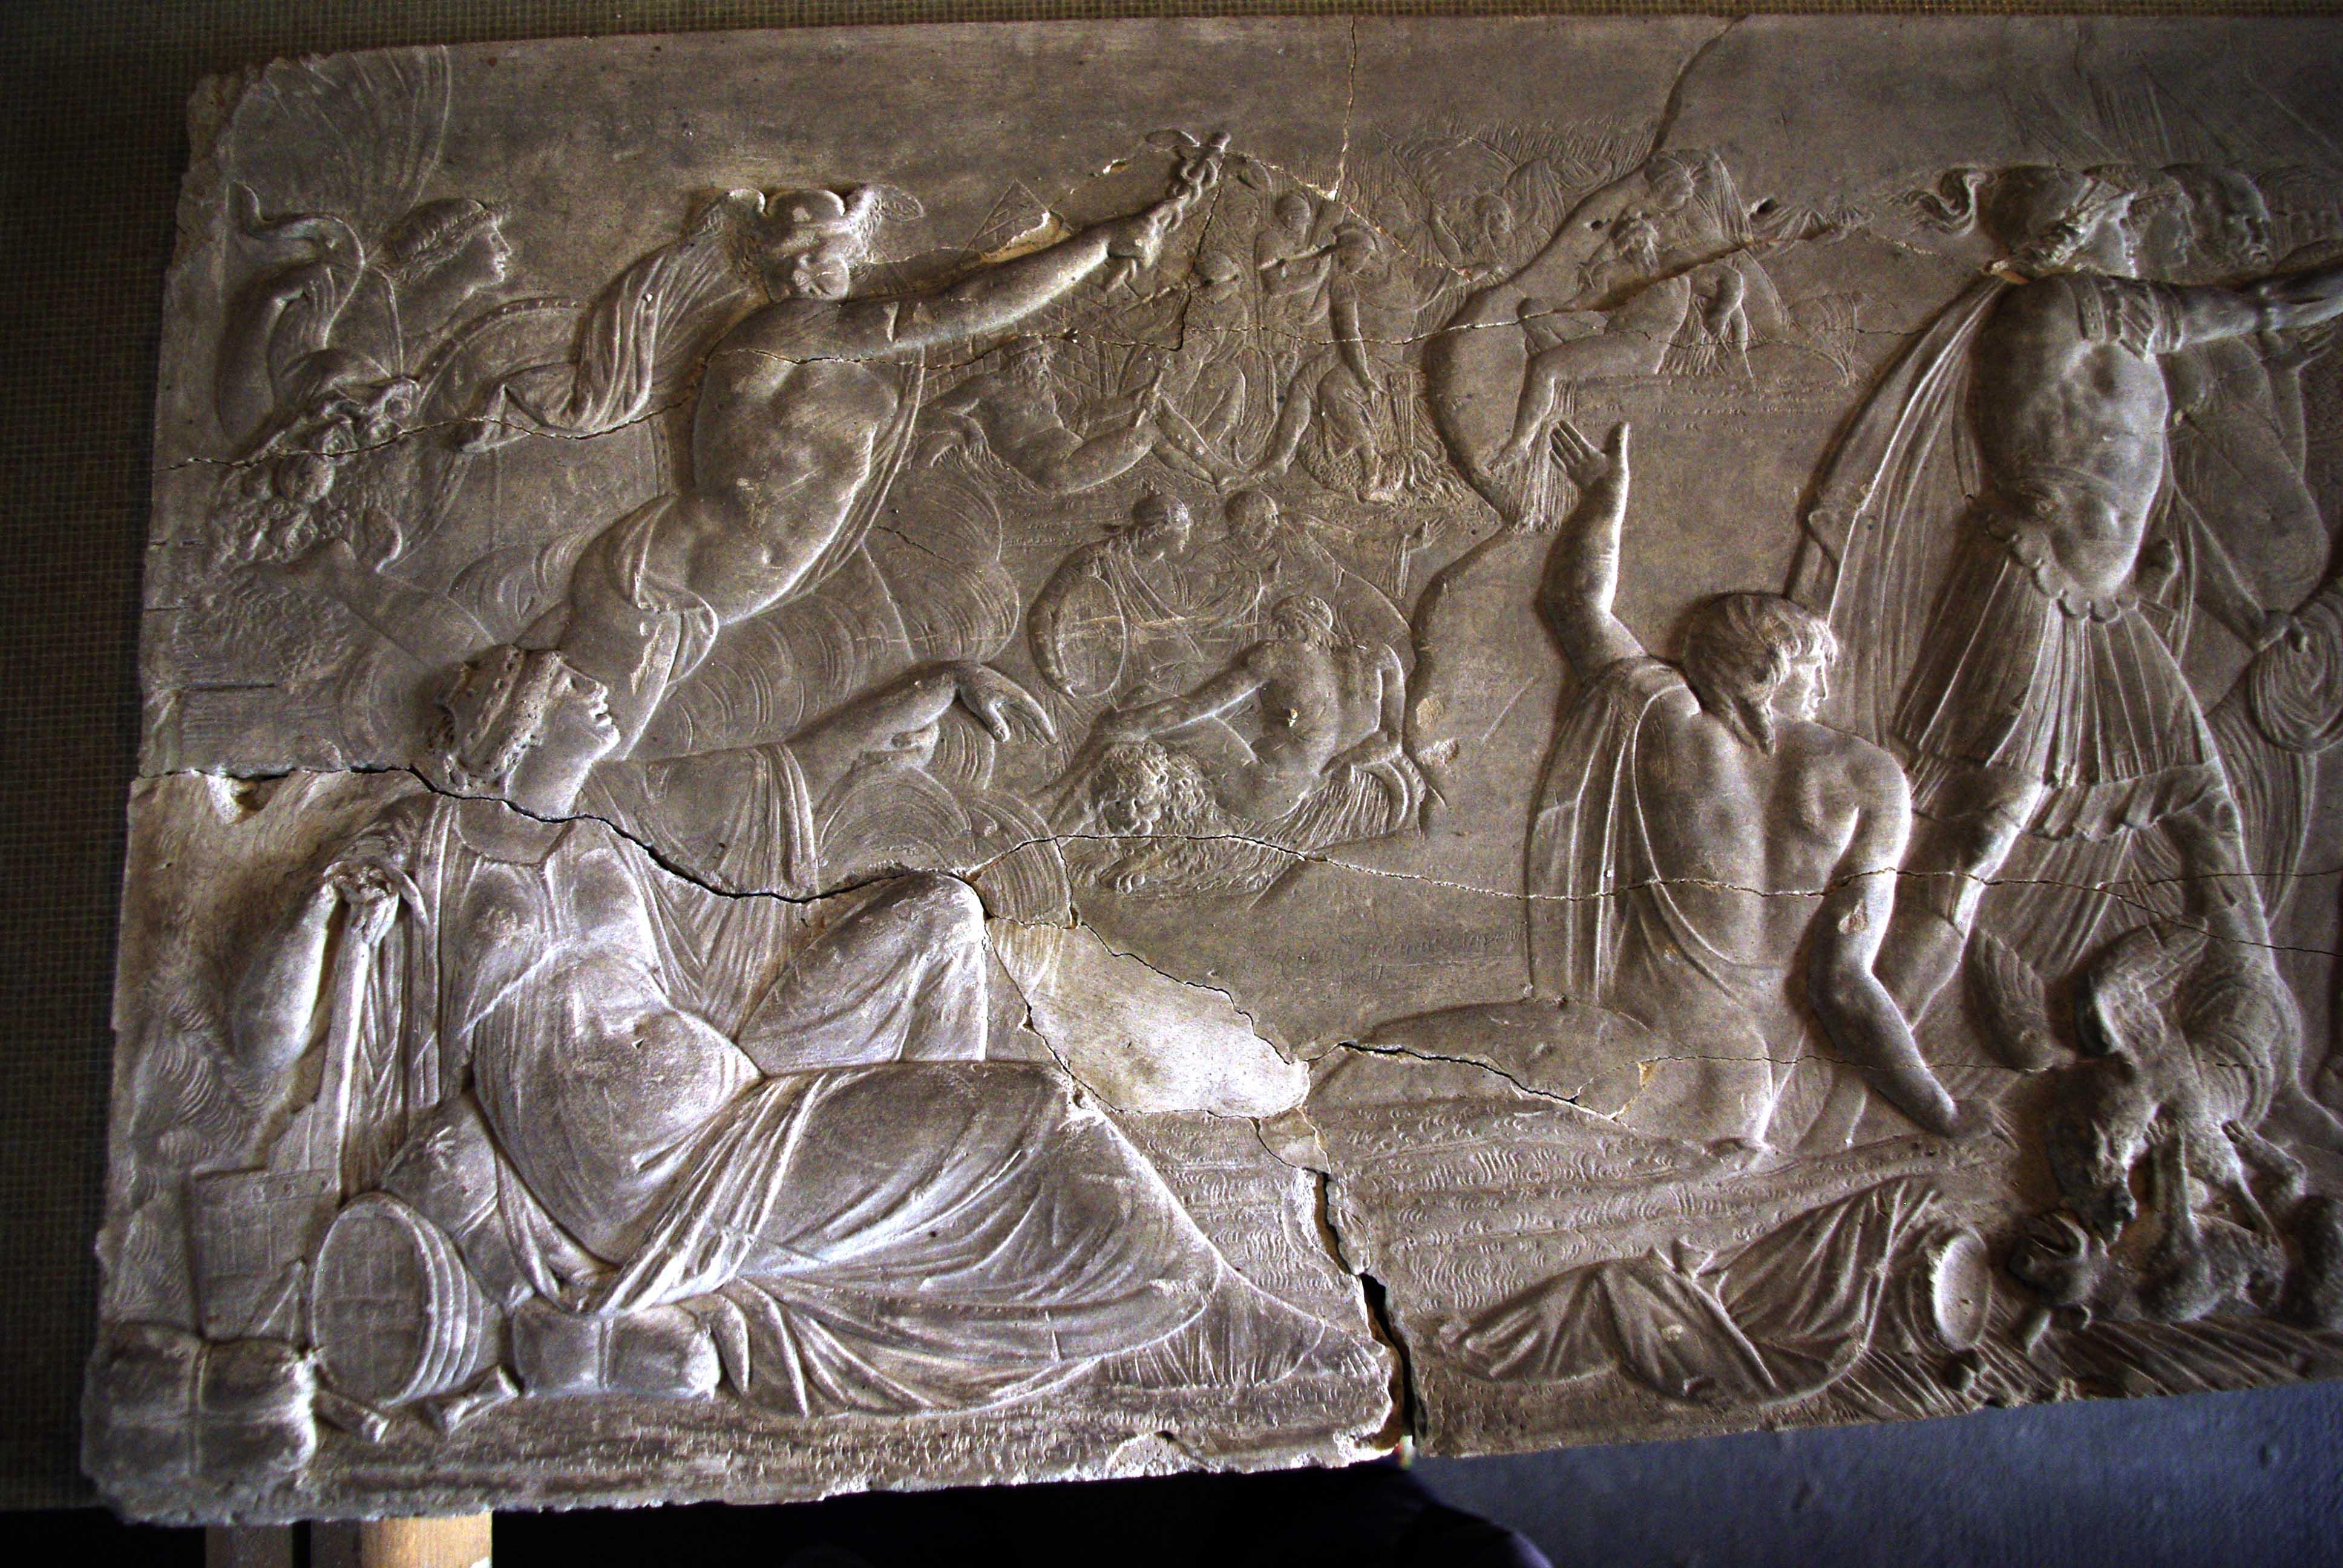 Fulbert Dubois restauration patrimoine sculpture restauration relief plâtre avant